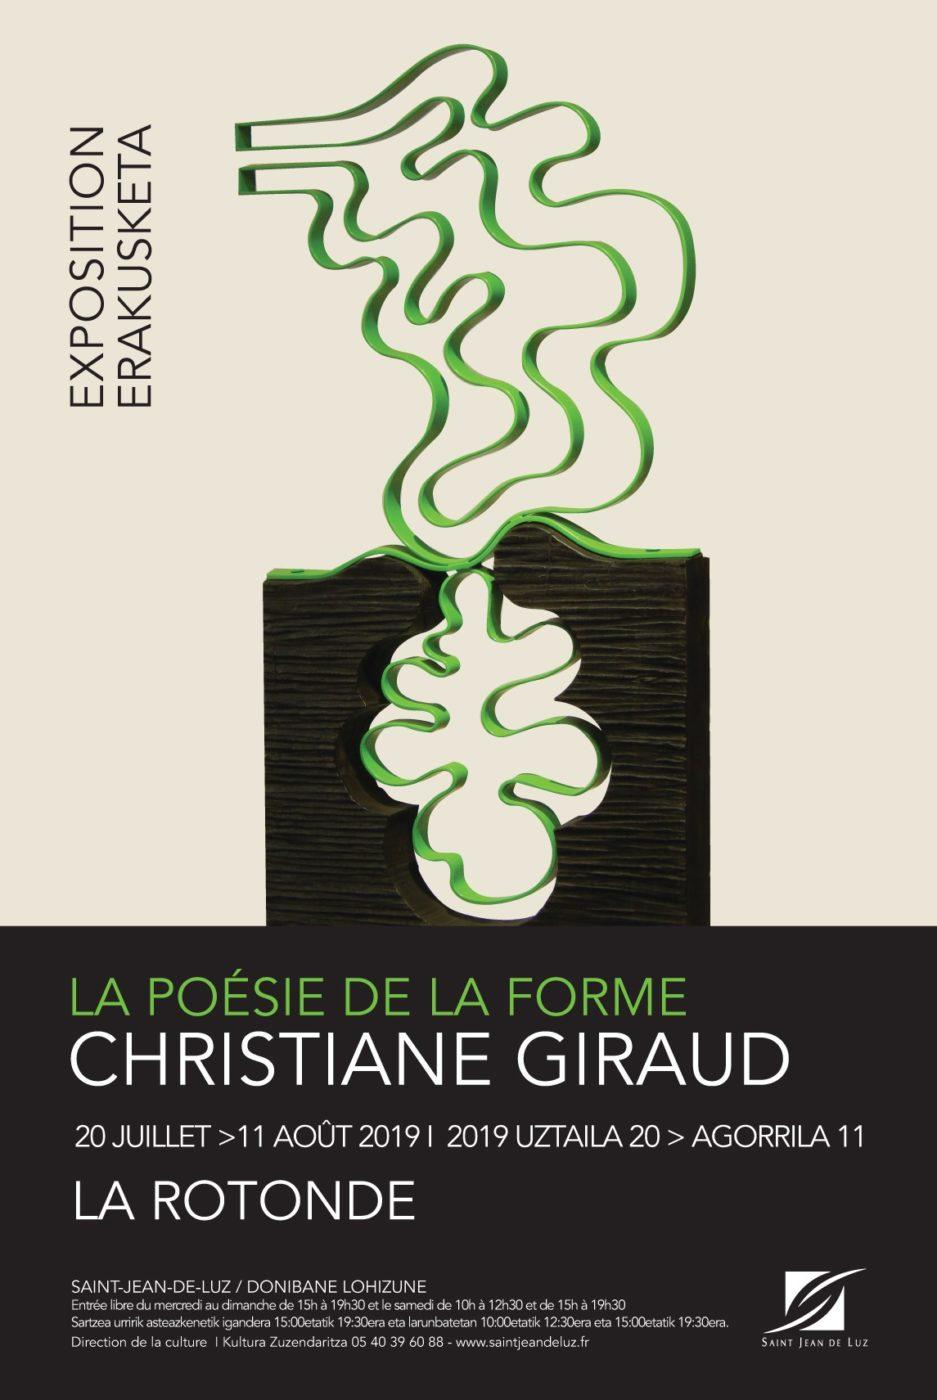 La Poesie De La Forme Christiane Giraud Affiche